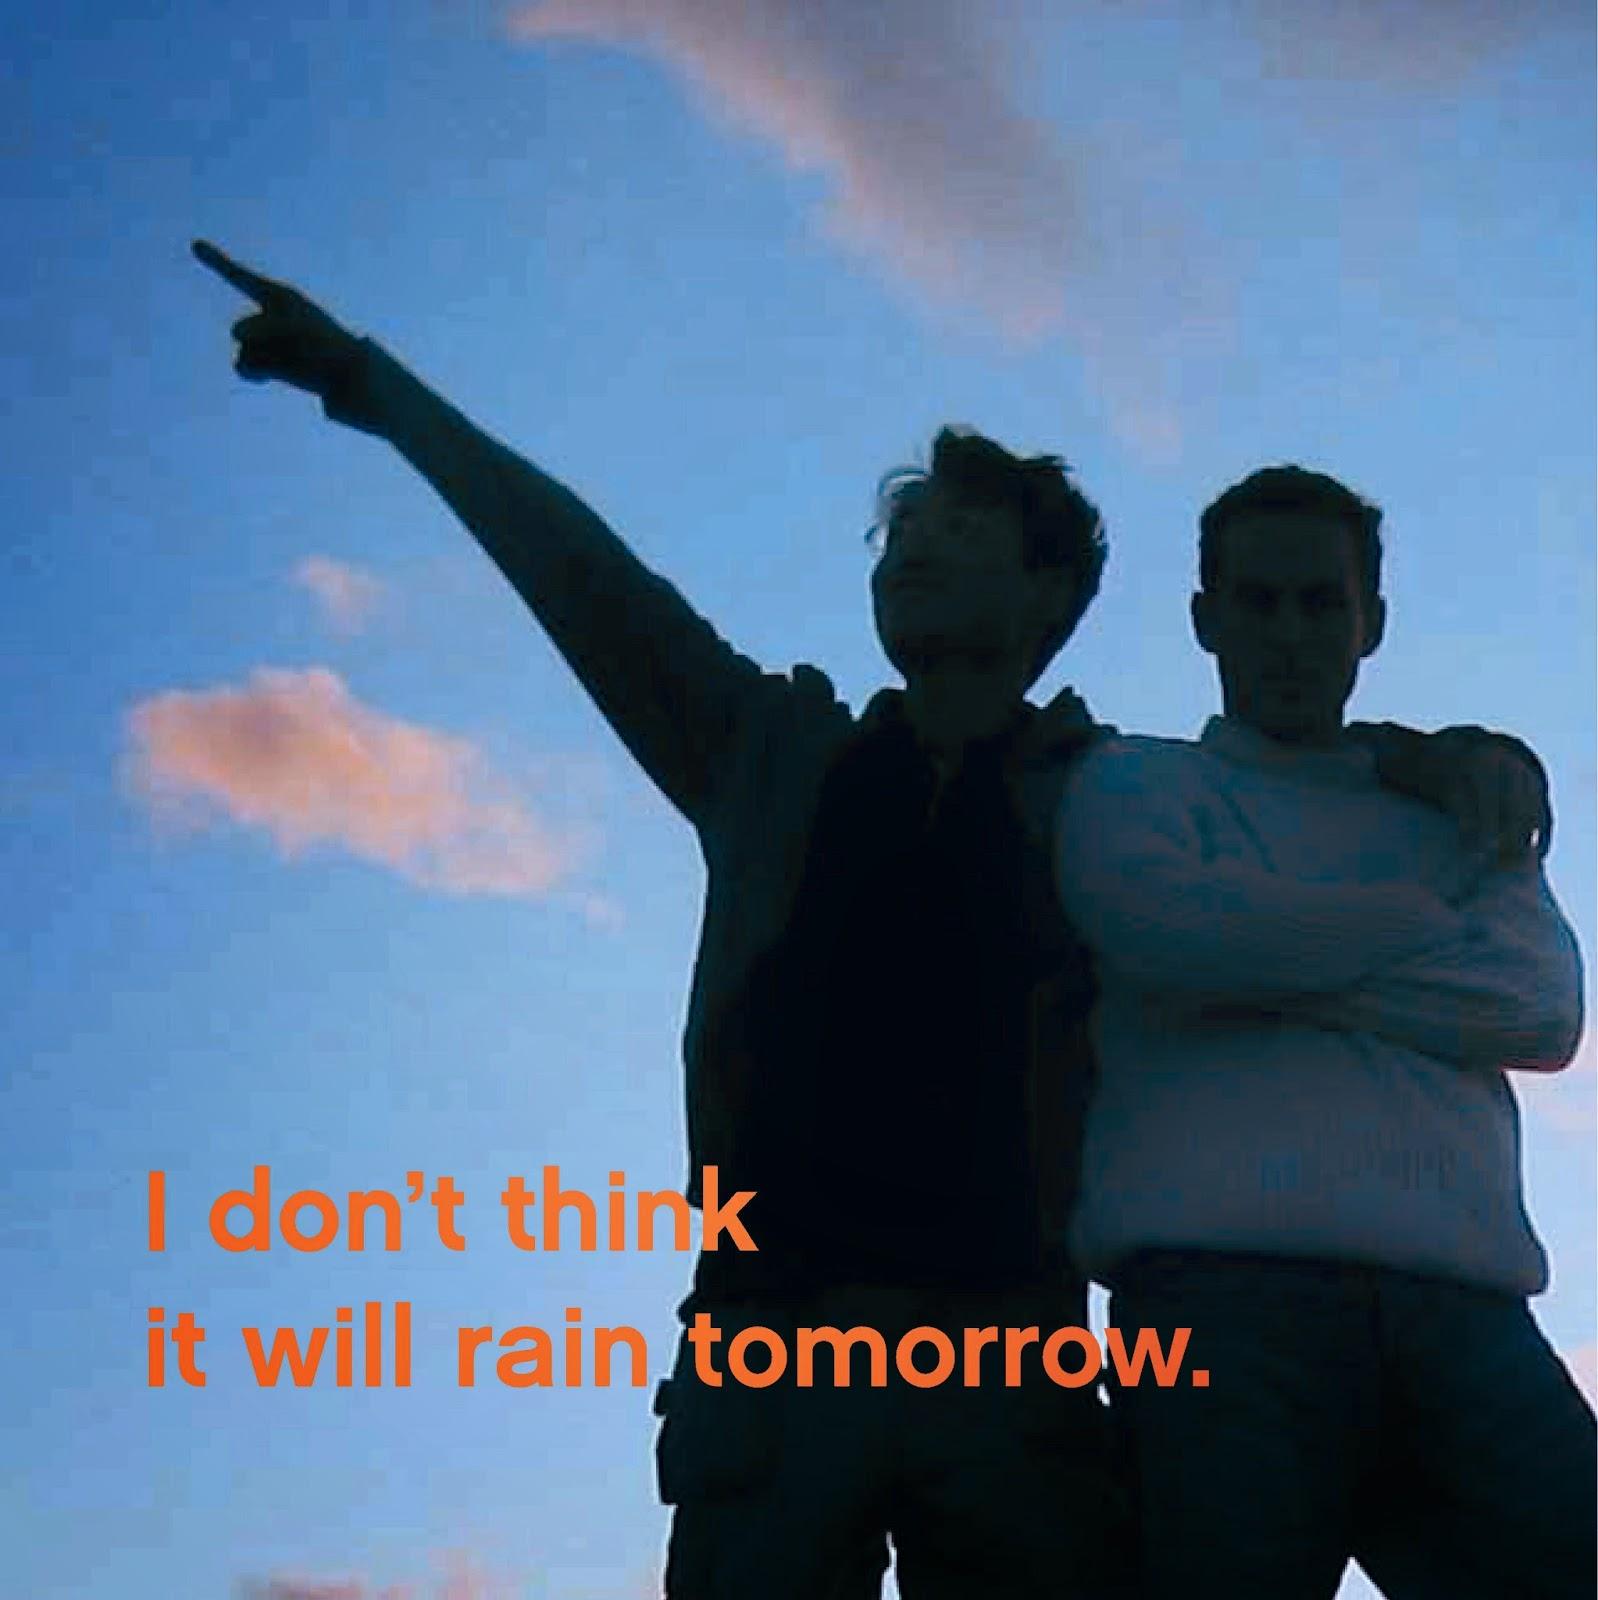 Dos personas en silueta contra el cielo, apuntando al cielo con el dedo.